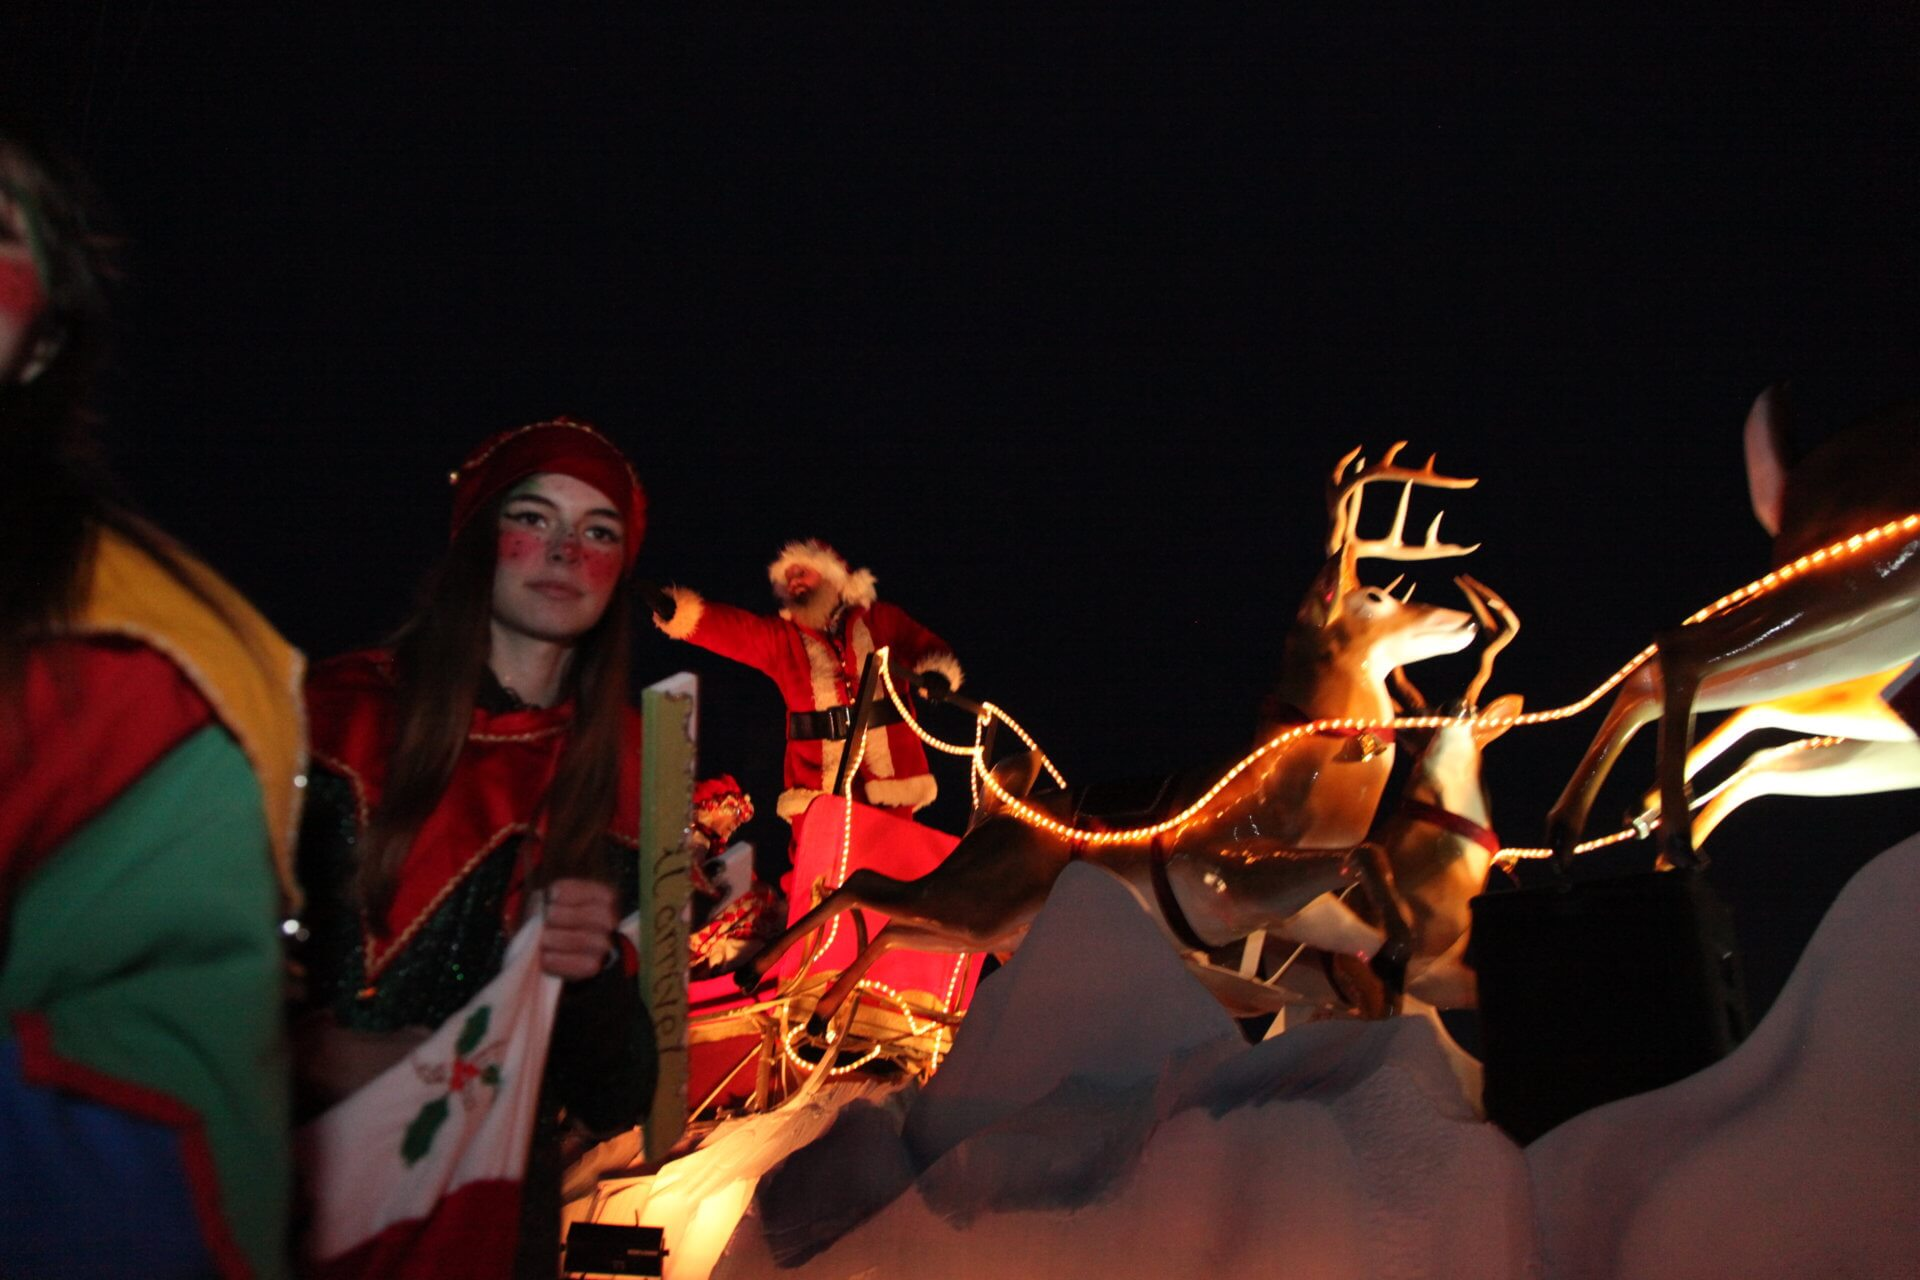 Défilé de Noël de Saint-Colomban : près de 4000 visiteurs pour la première édition!